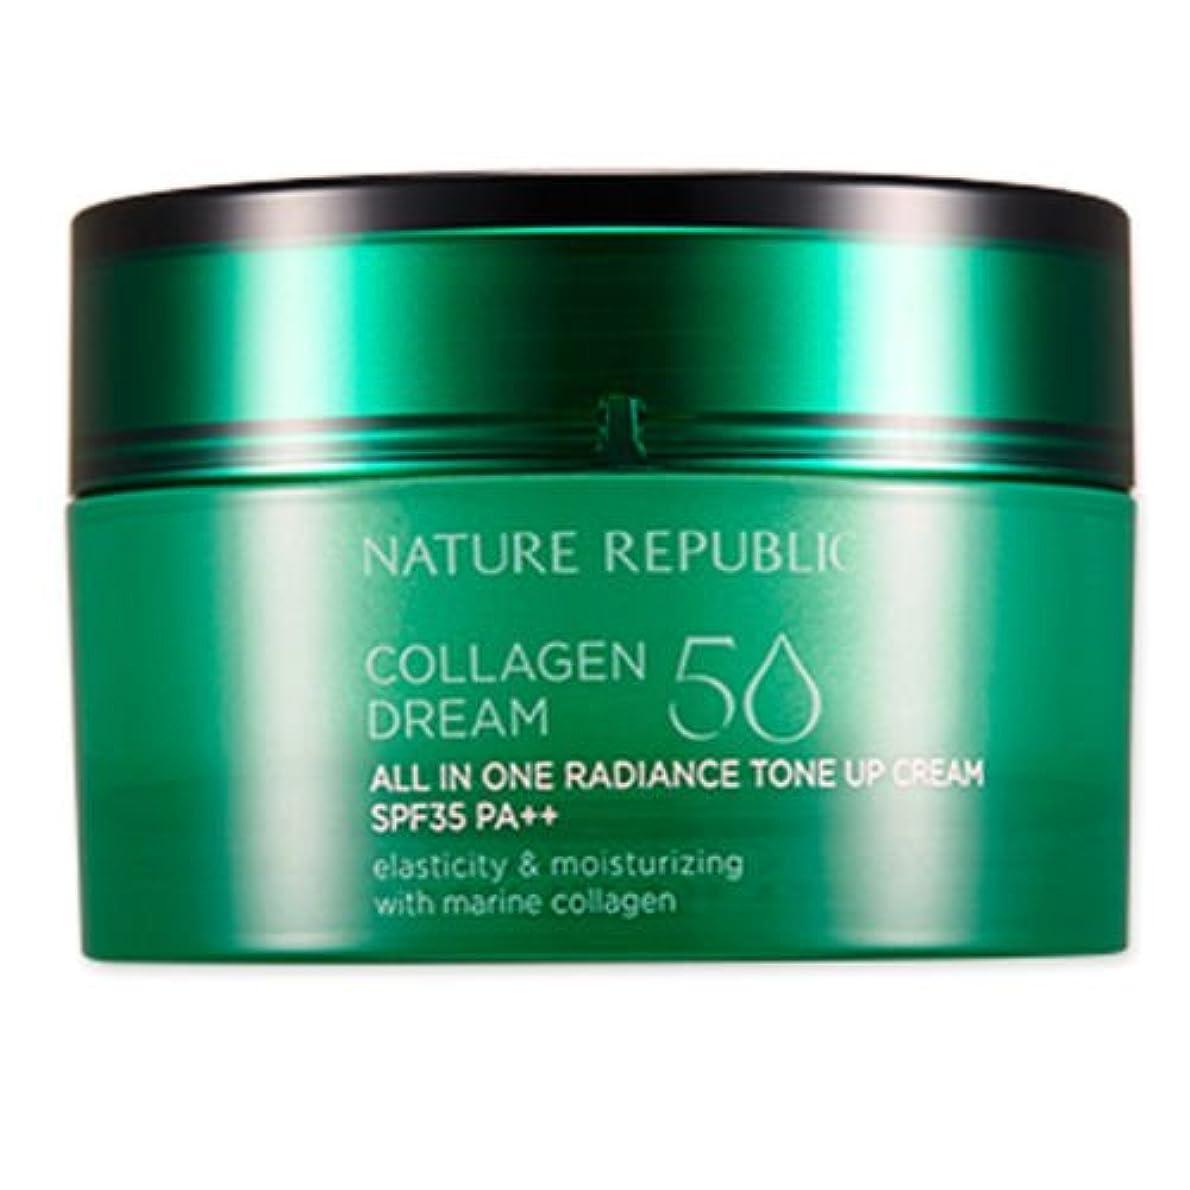 有効な大量ものNATURE REPUBLIC Collagen Dream 50 All-In-One Radiance Tone Up Cream(SPF35PA++) ネイチャーリパブリック [韓国コスメ ] コラーゲンドリーム50...